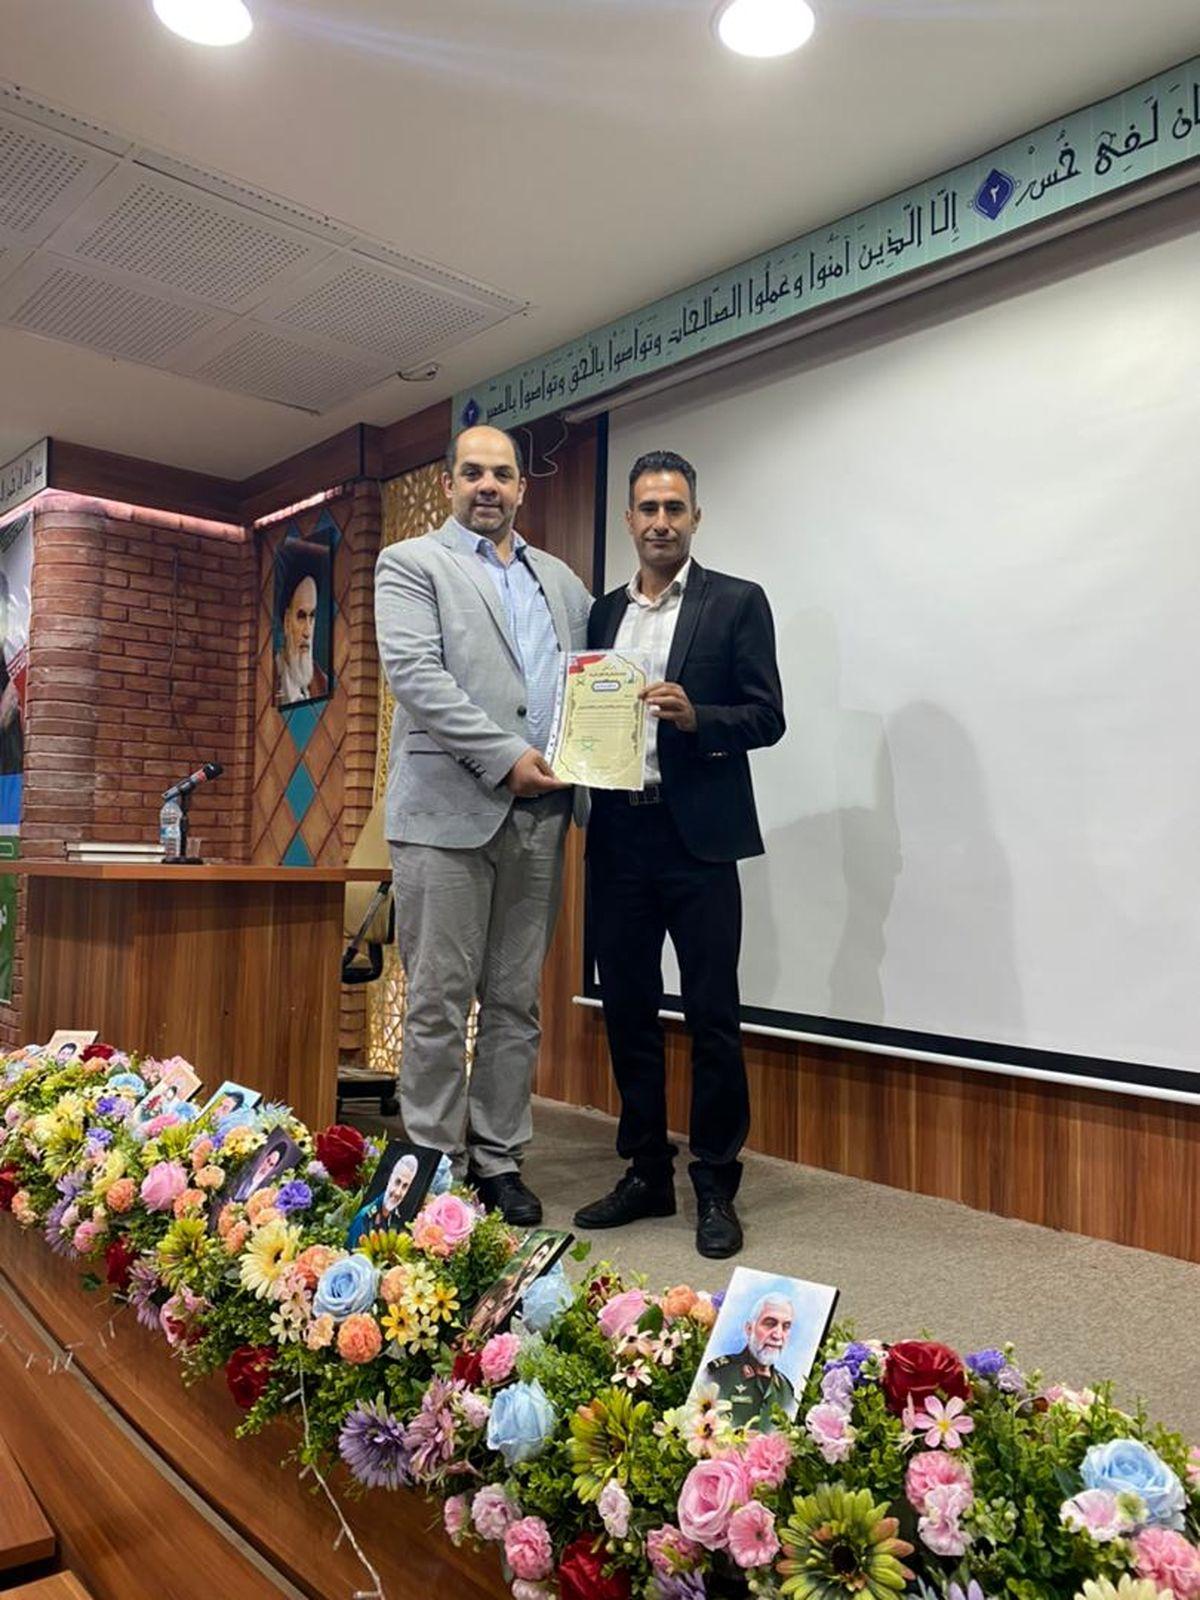 سعید موسوی سیرجانی به عنوان سرپرست کمیته روابط عمومی منصوب شد